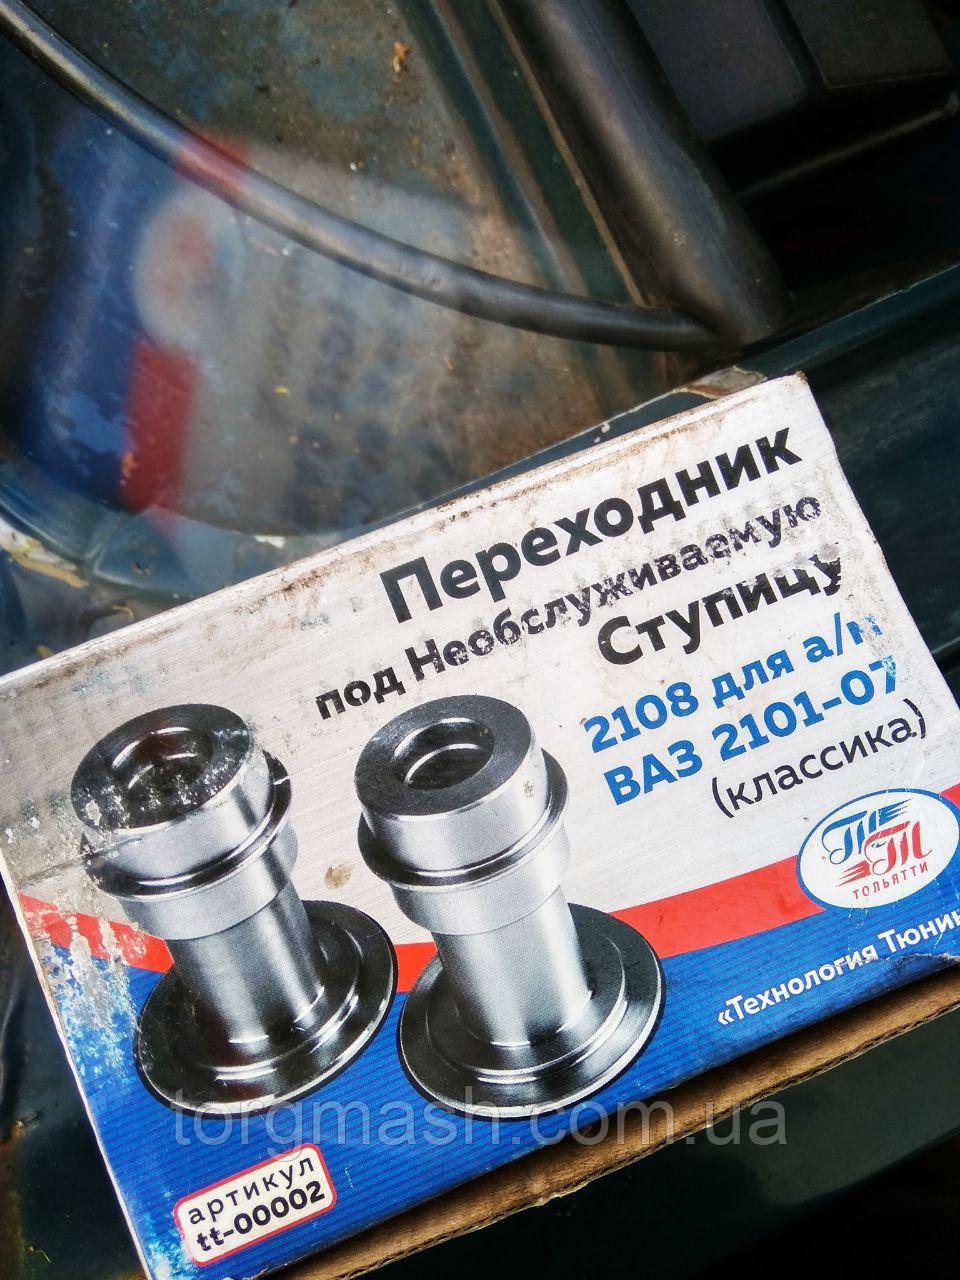 Переходники под необслуживаемою ступицу 2108 для ВАЗ-2101